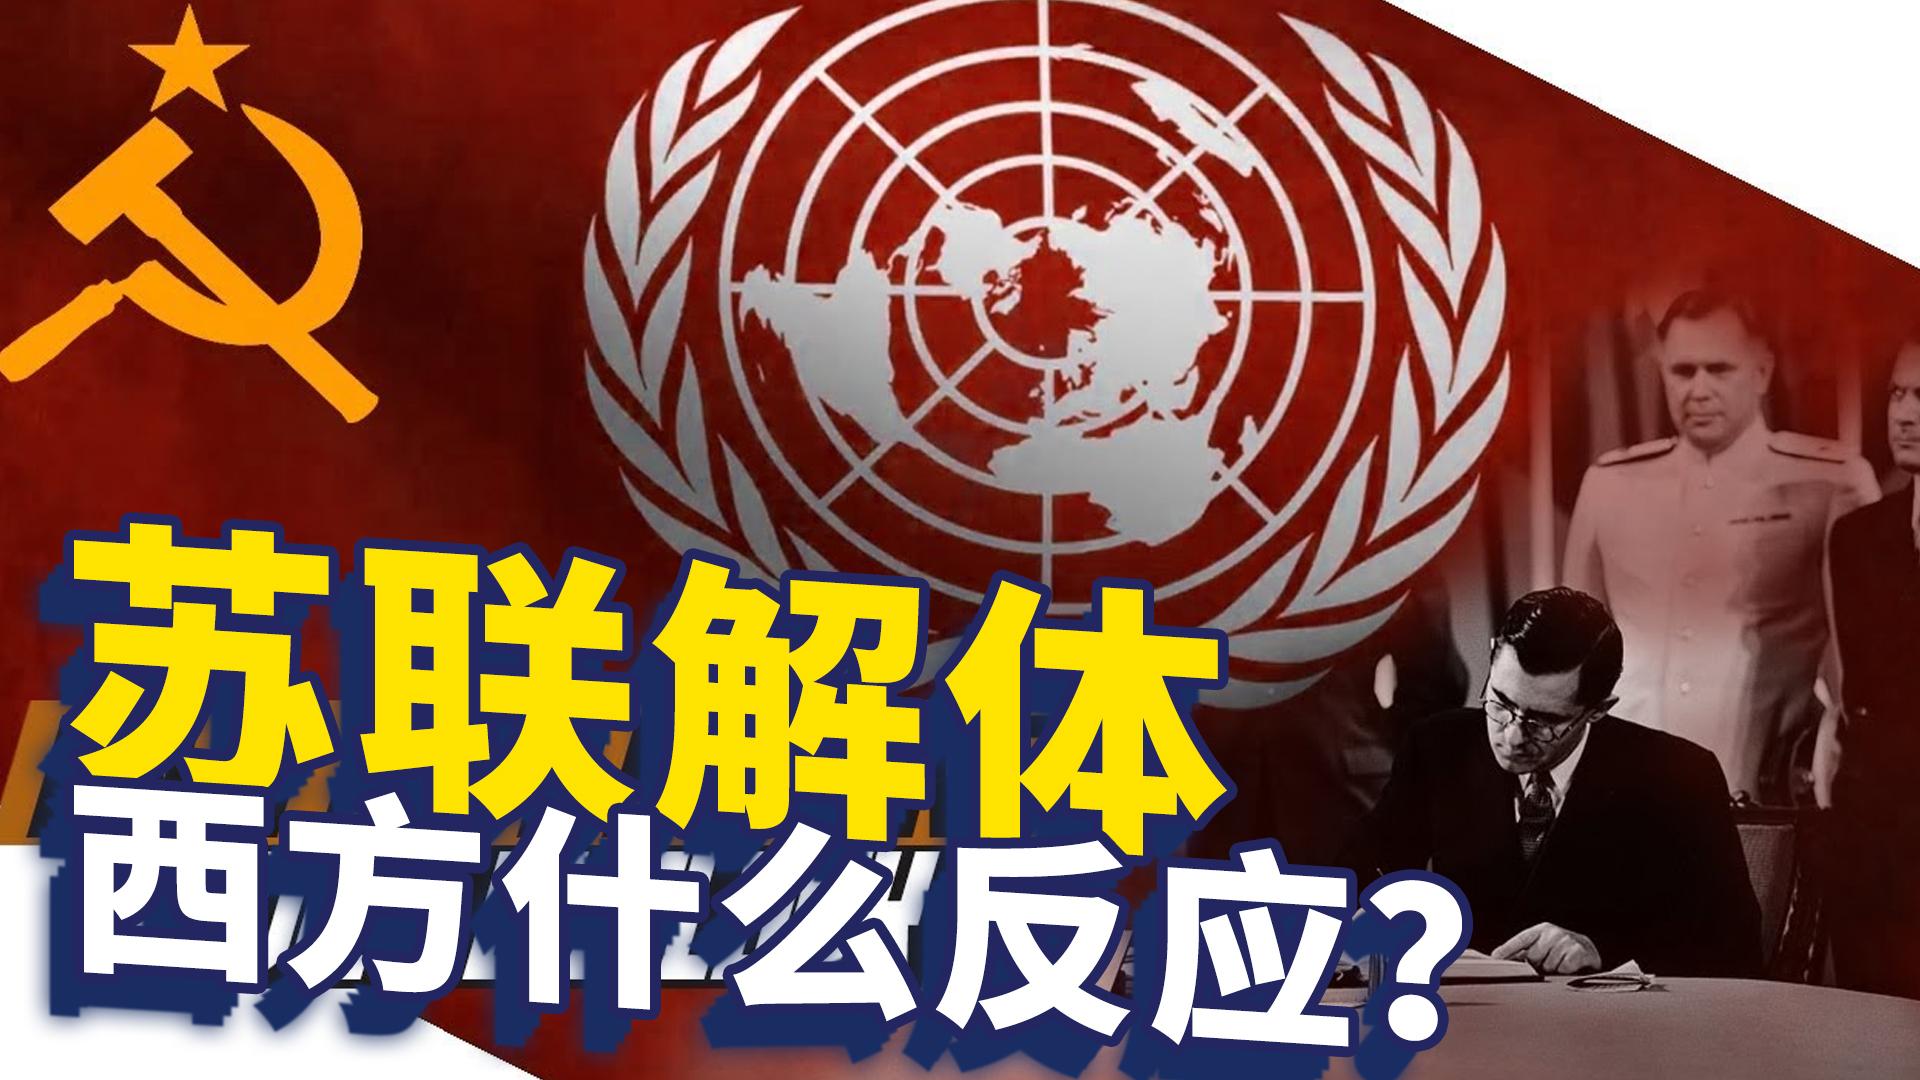 苏联解体,西方啥态度?俄罗斯为何要抛弃中亚五国呢?